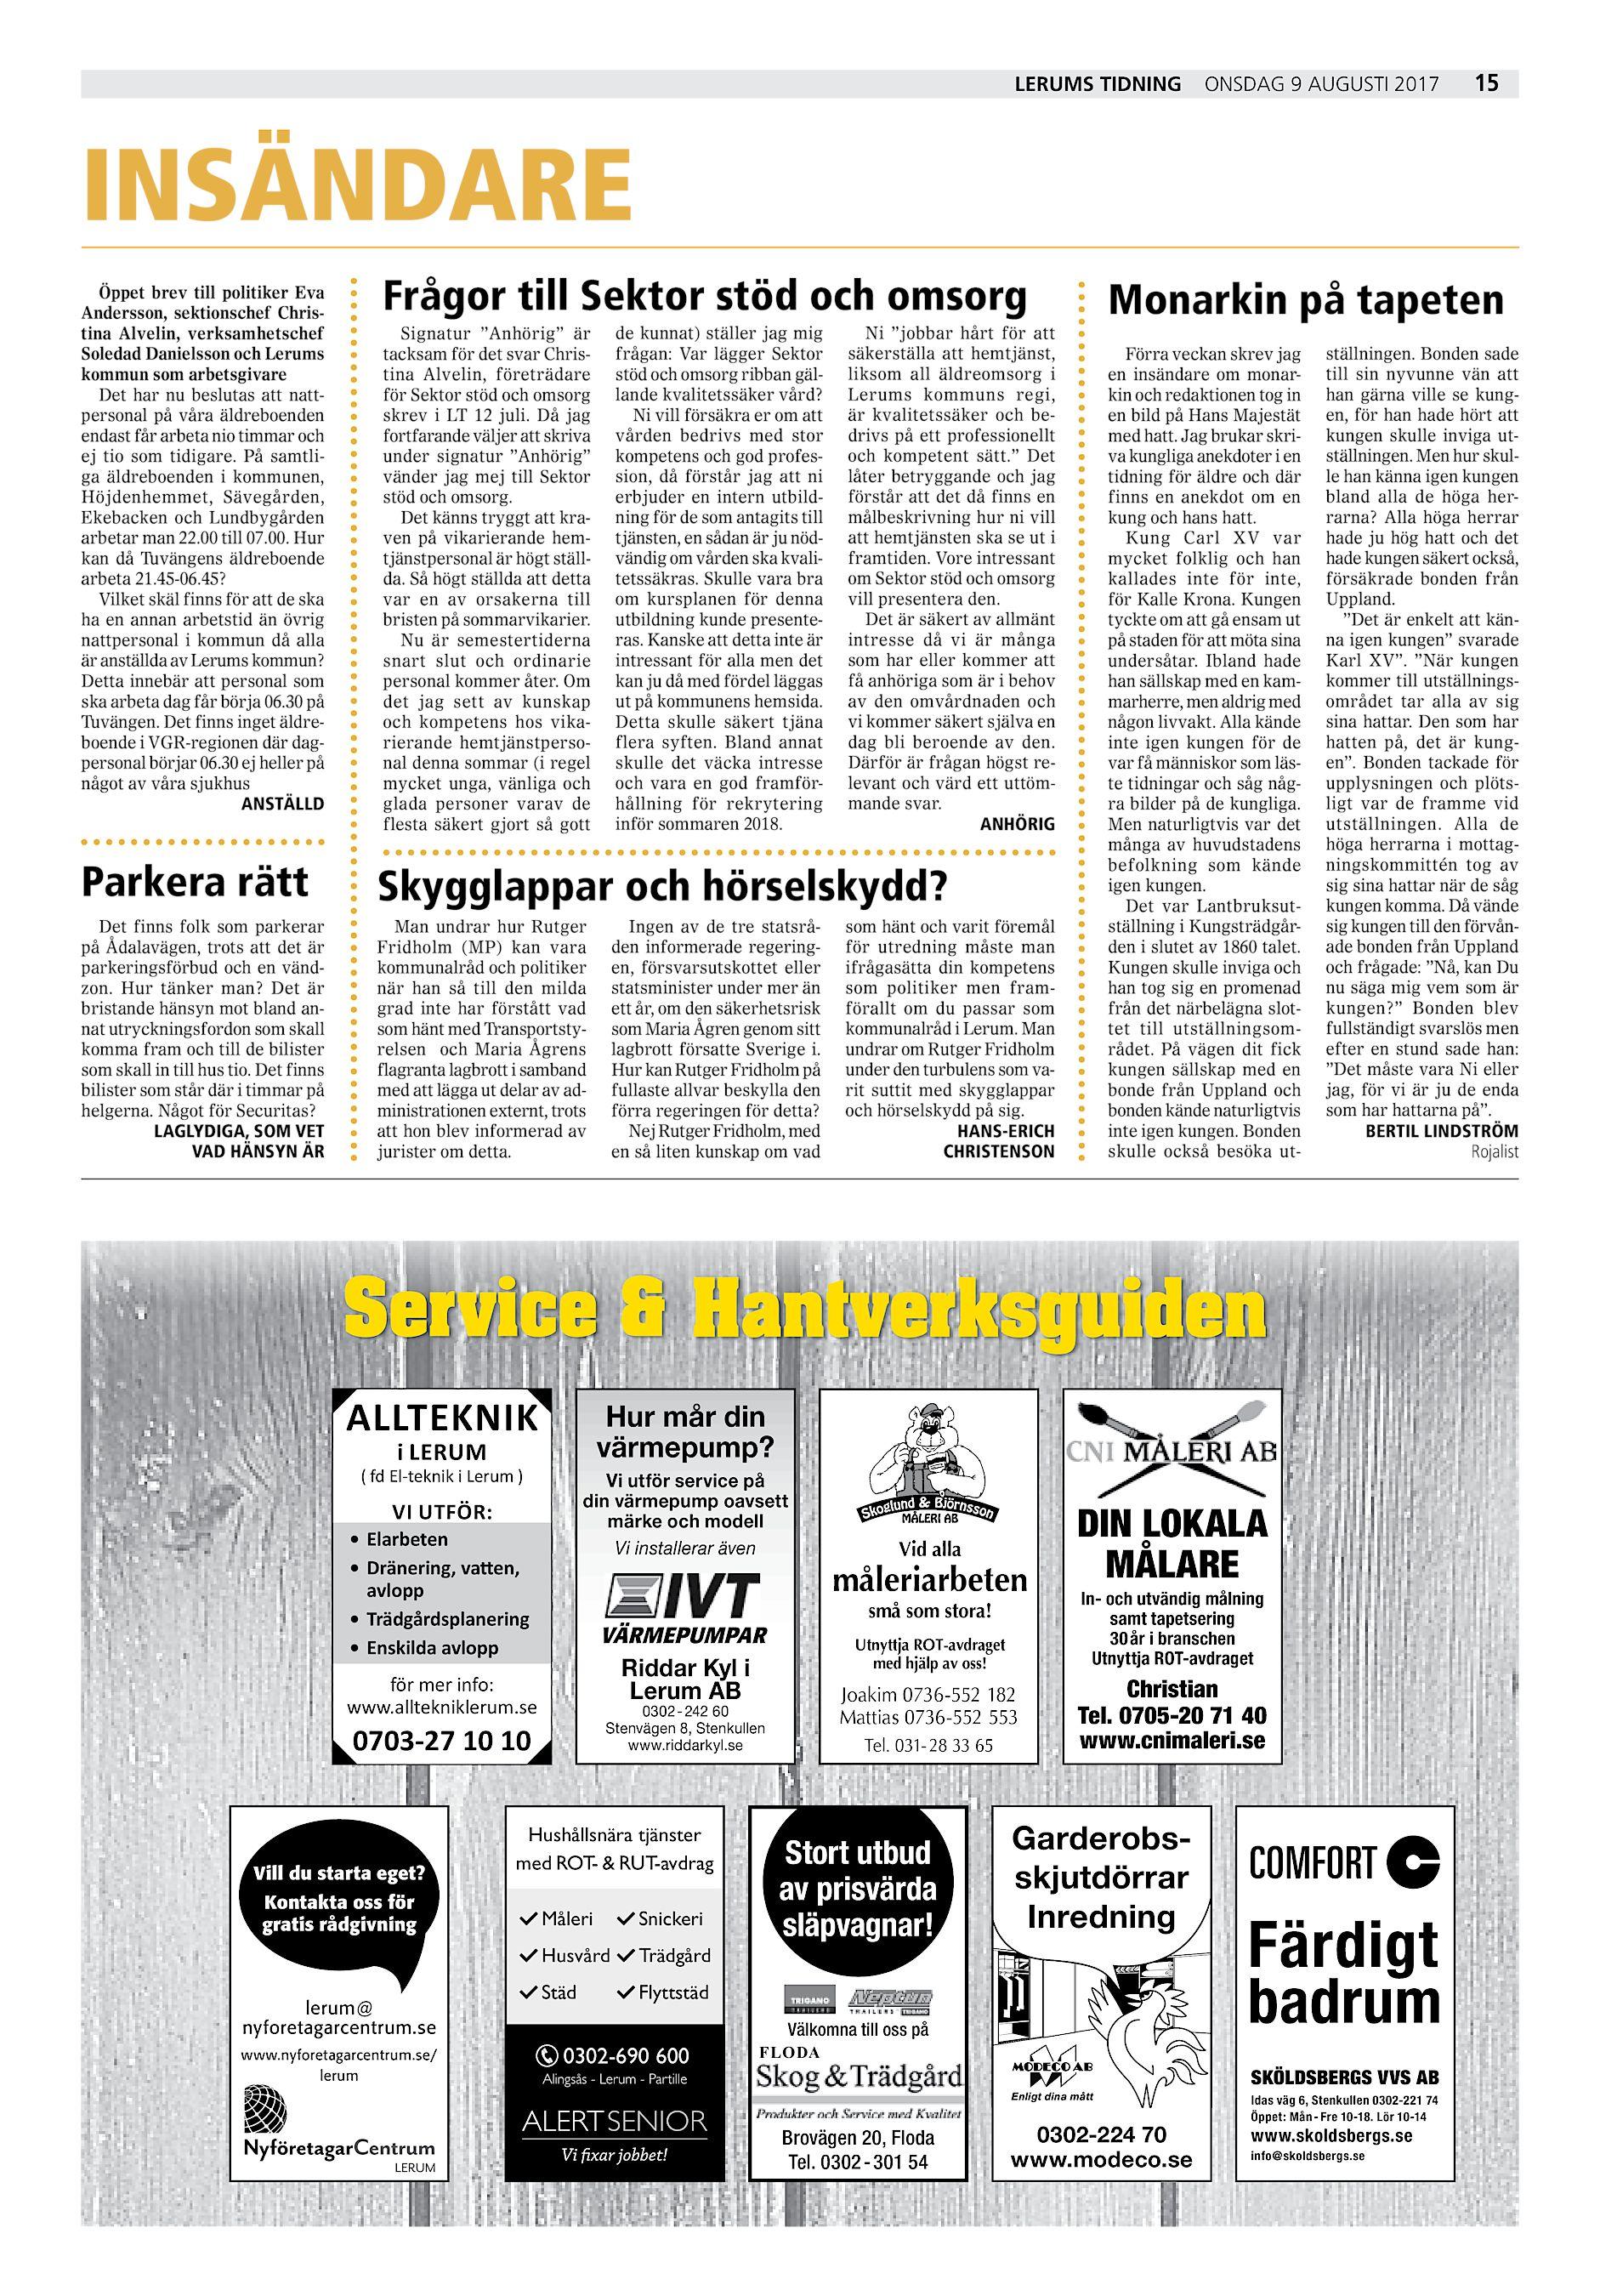 Fagerlund rasar mot schemat